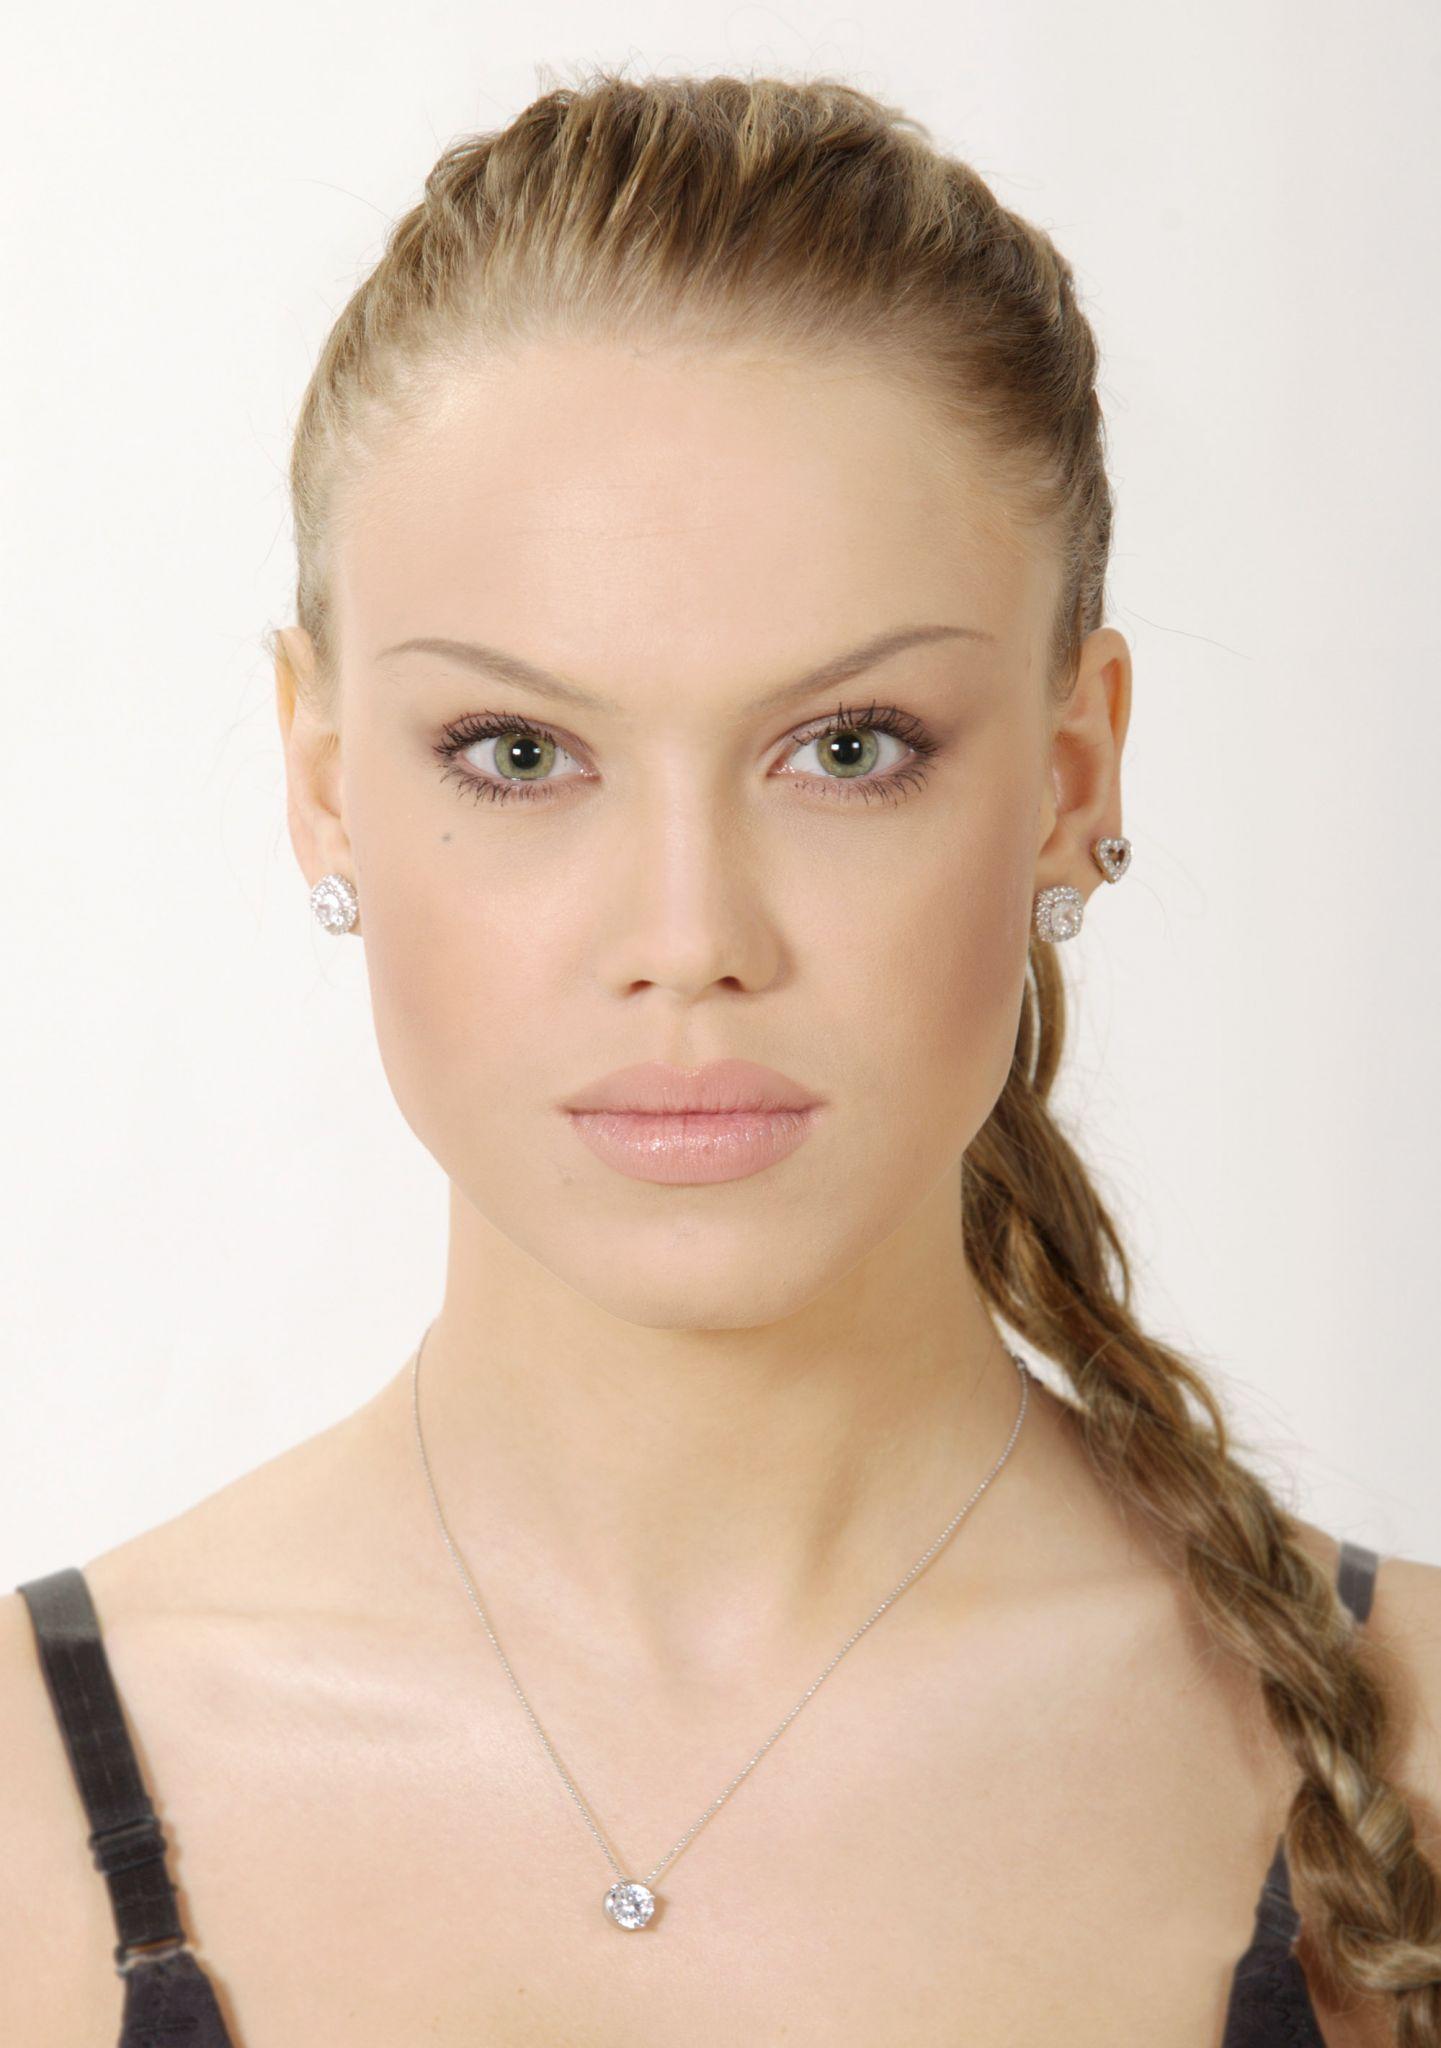 Sonya Ryzy-Ryski Nude Photos 6